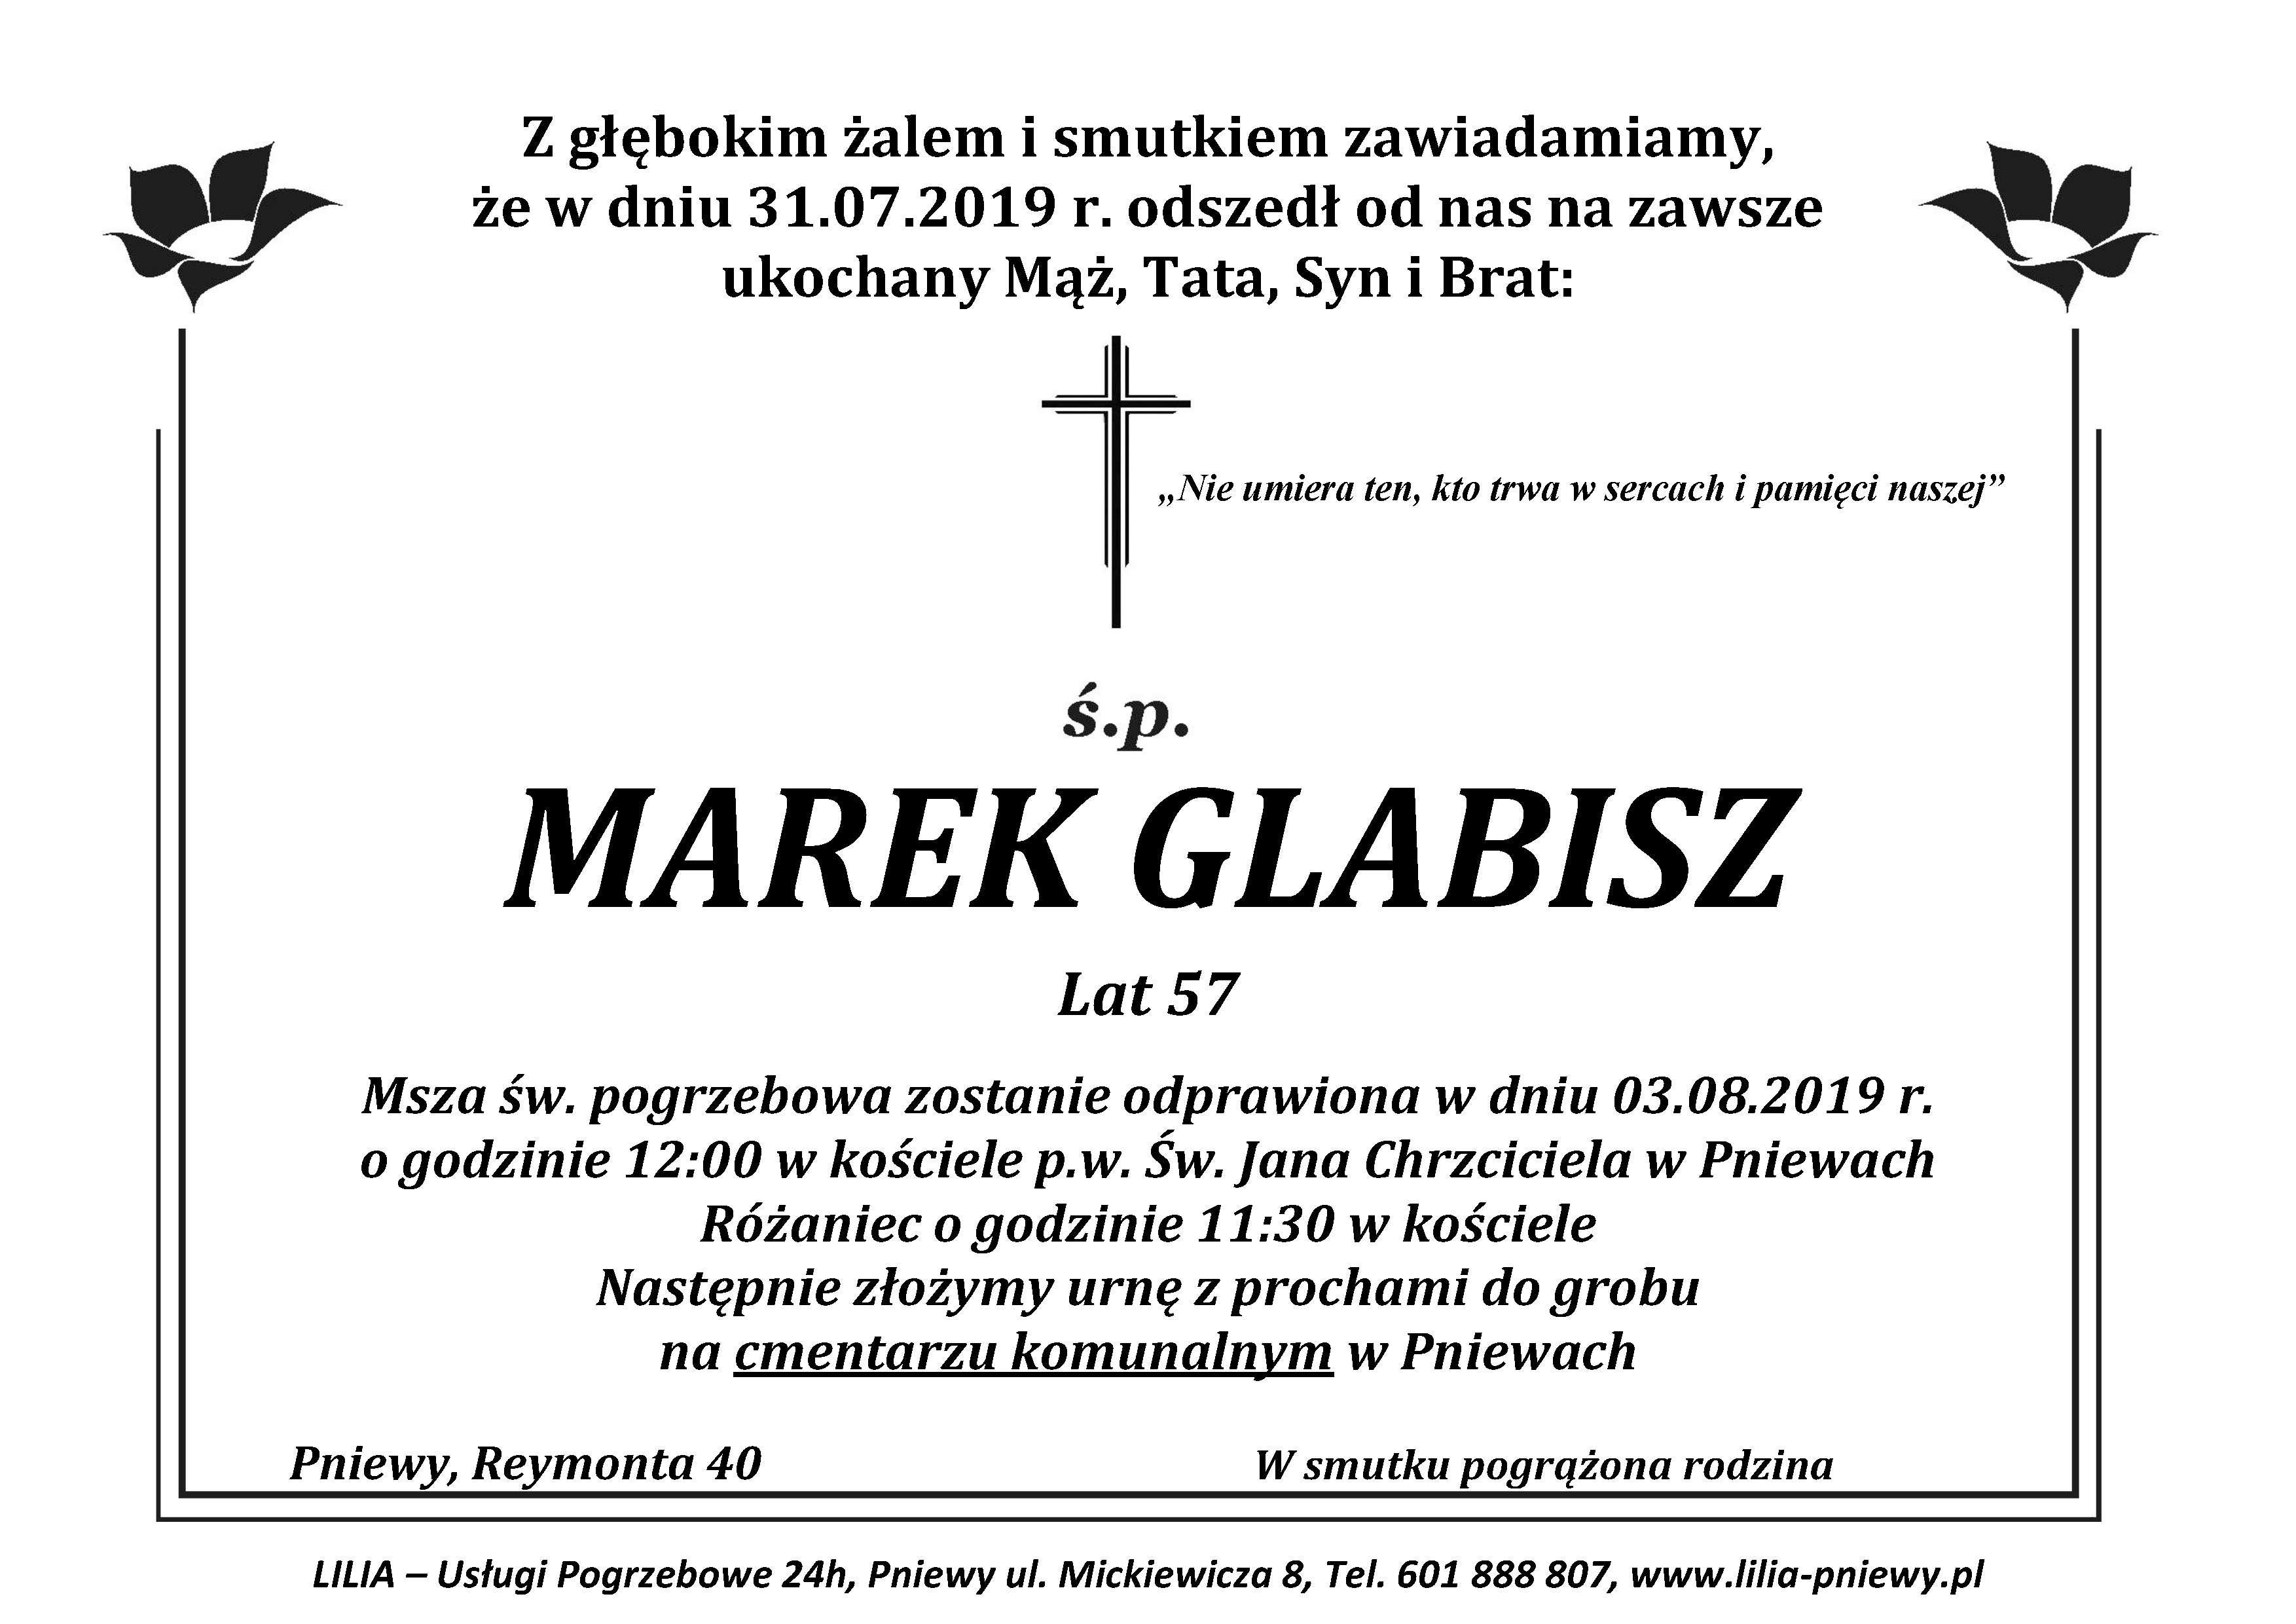 Żyli wśród nas – Marek Glabisz